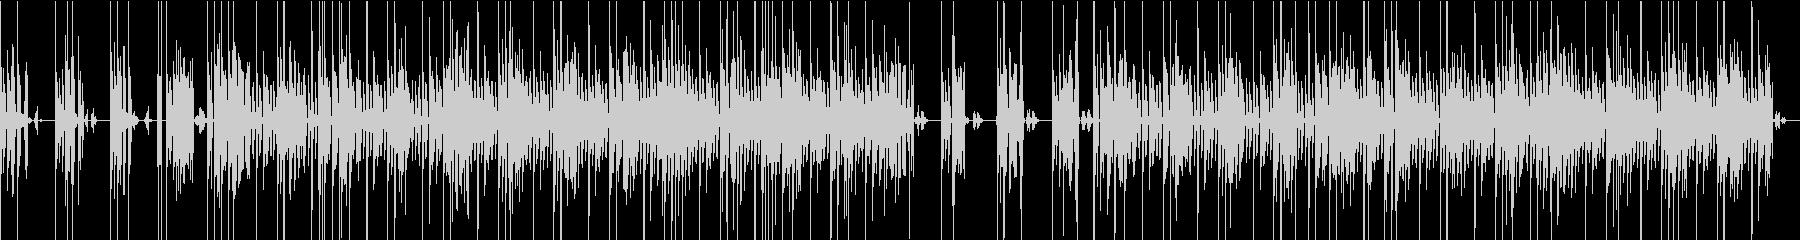 インダストリアルなシーンミュージックの未再生の波形